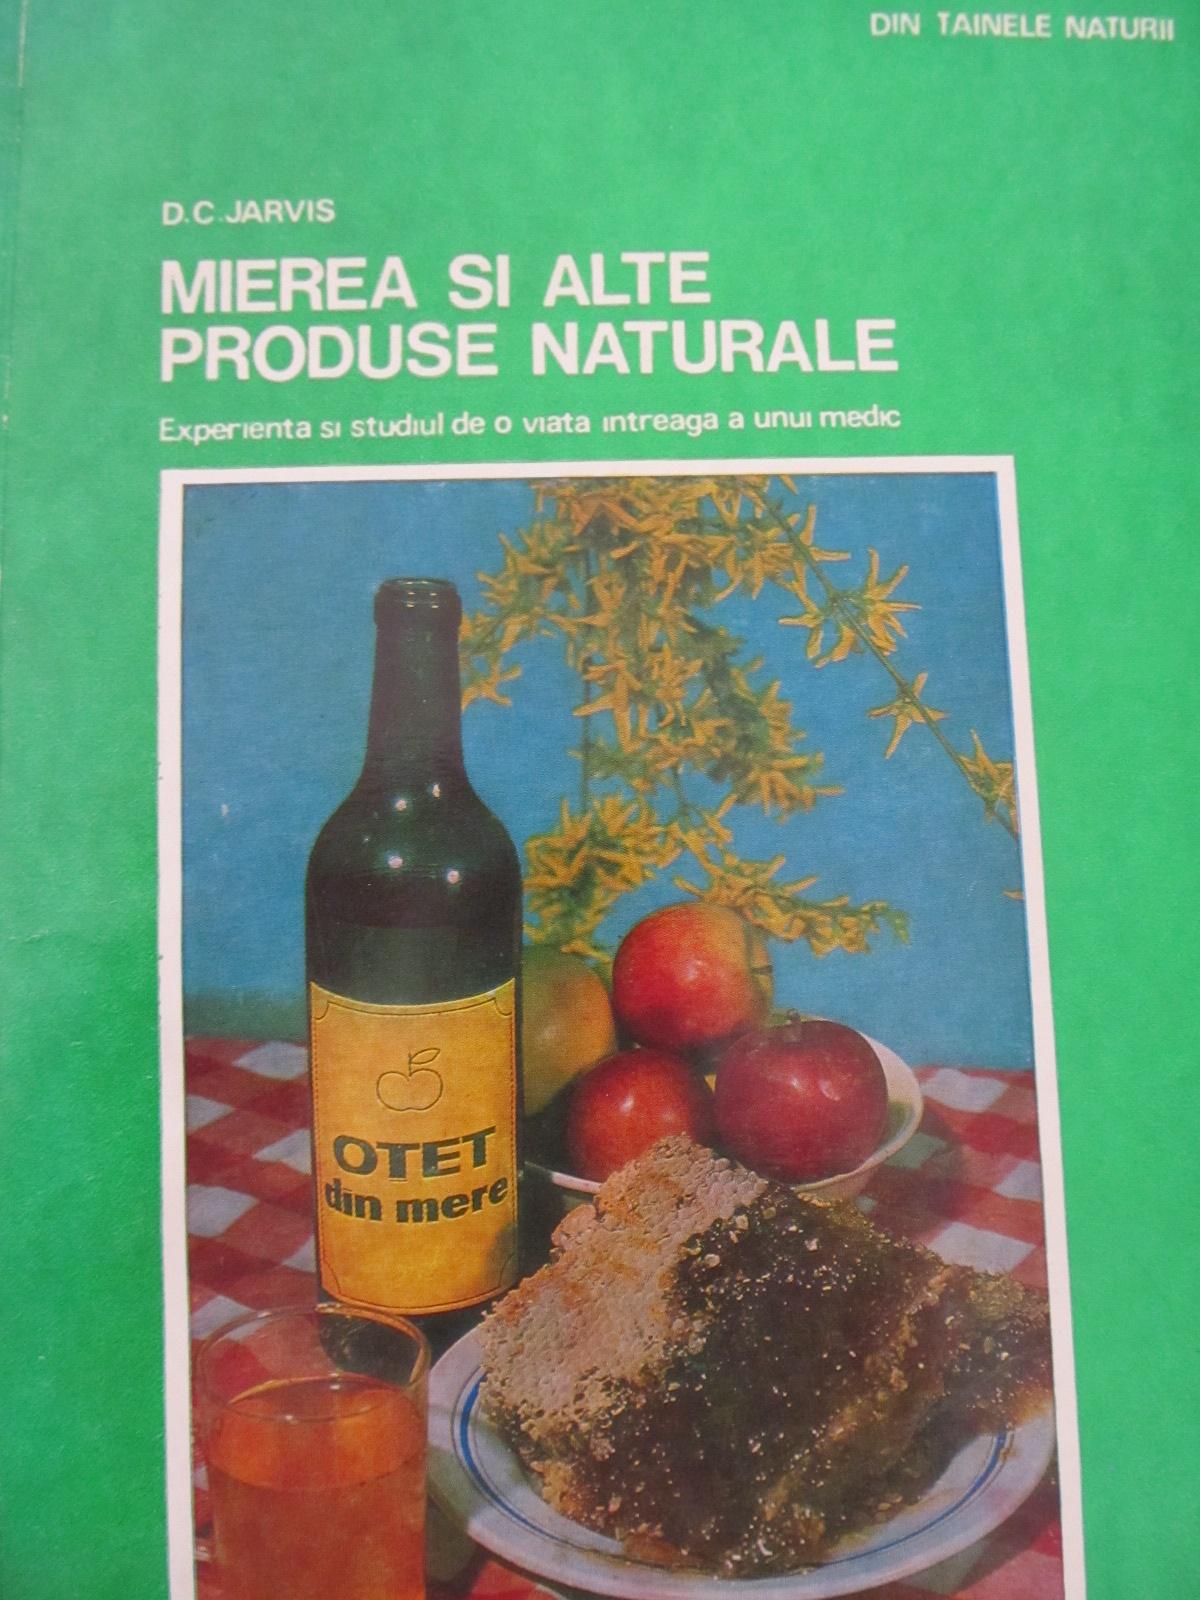 Mierea si alte produse naturale - Experienta si studiul de o viata intreaga a unui medic (apicultura) [1] - D. C. Jarvis | Detalii carte